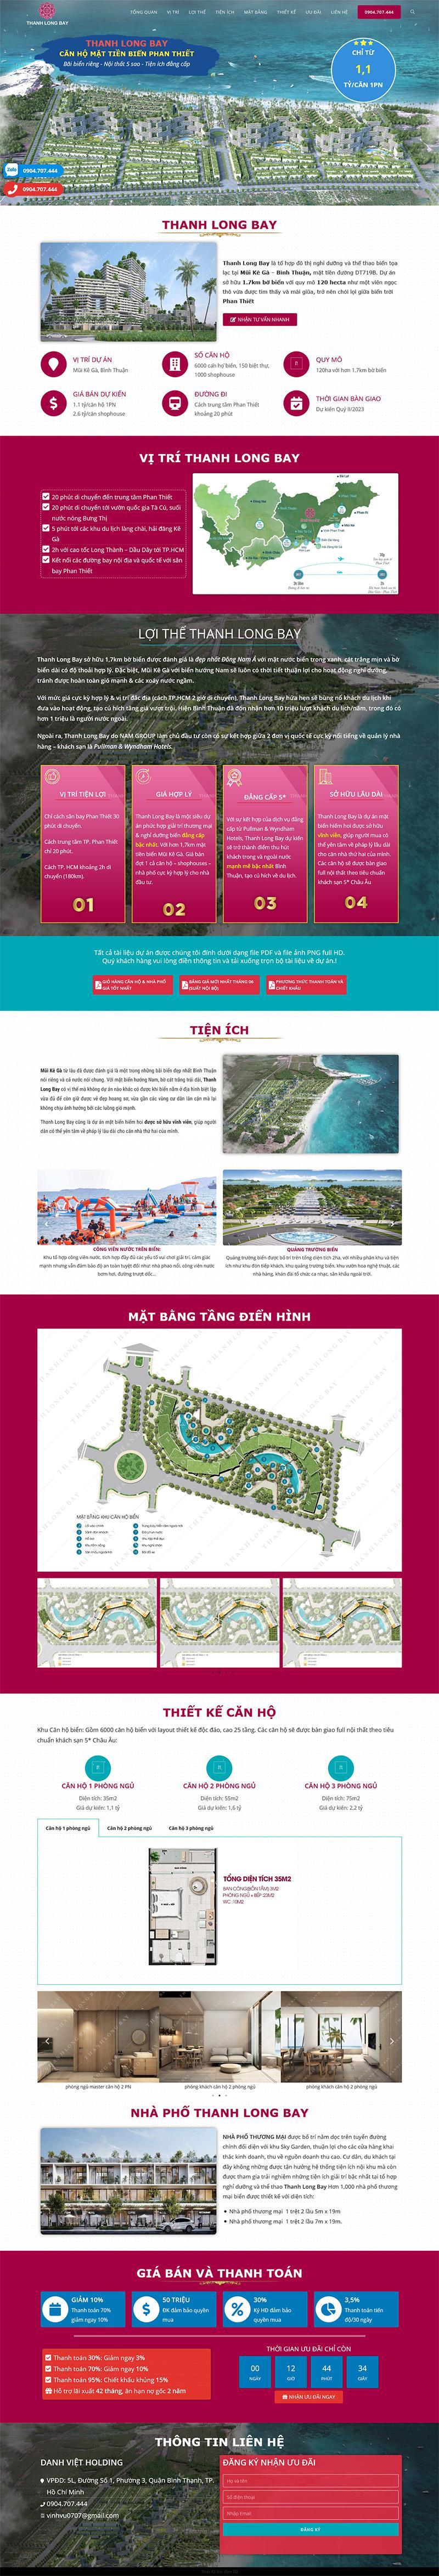 Landing Page Thanh Long Bay 2